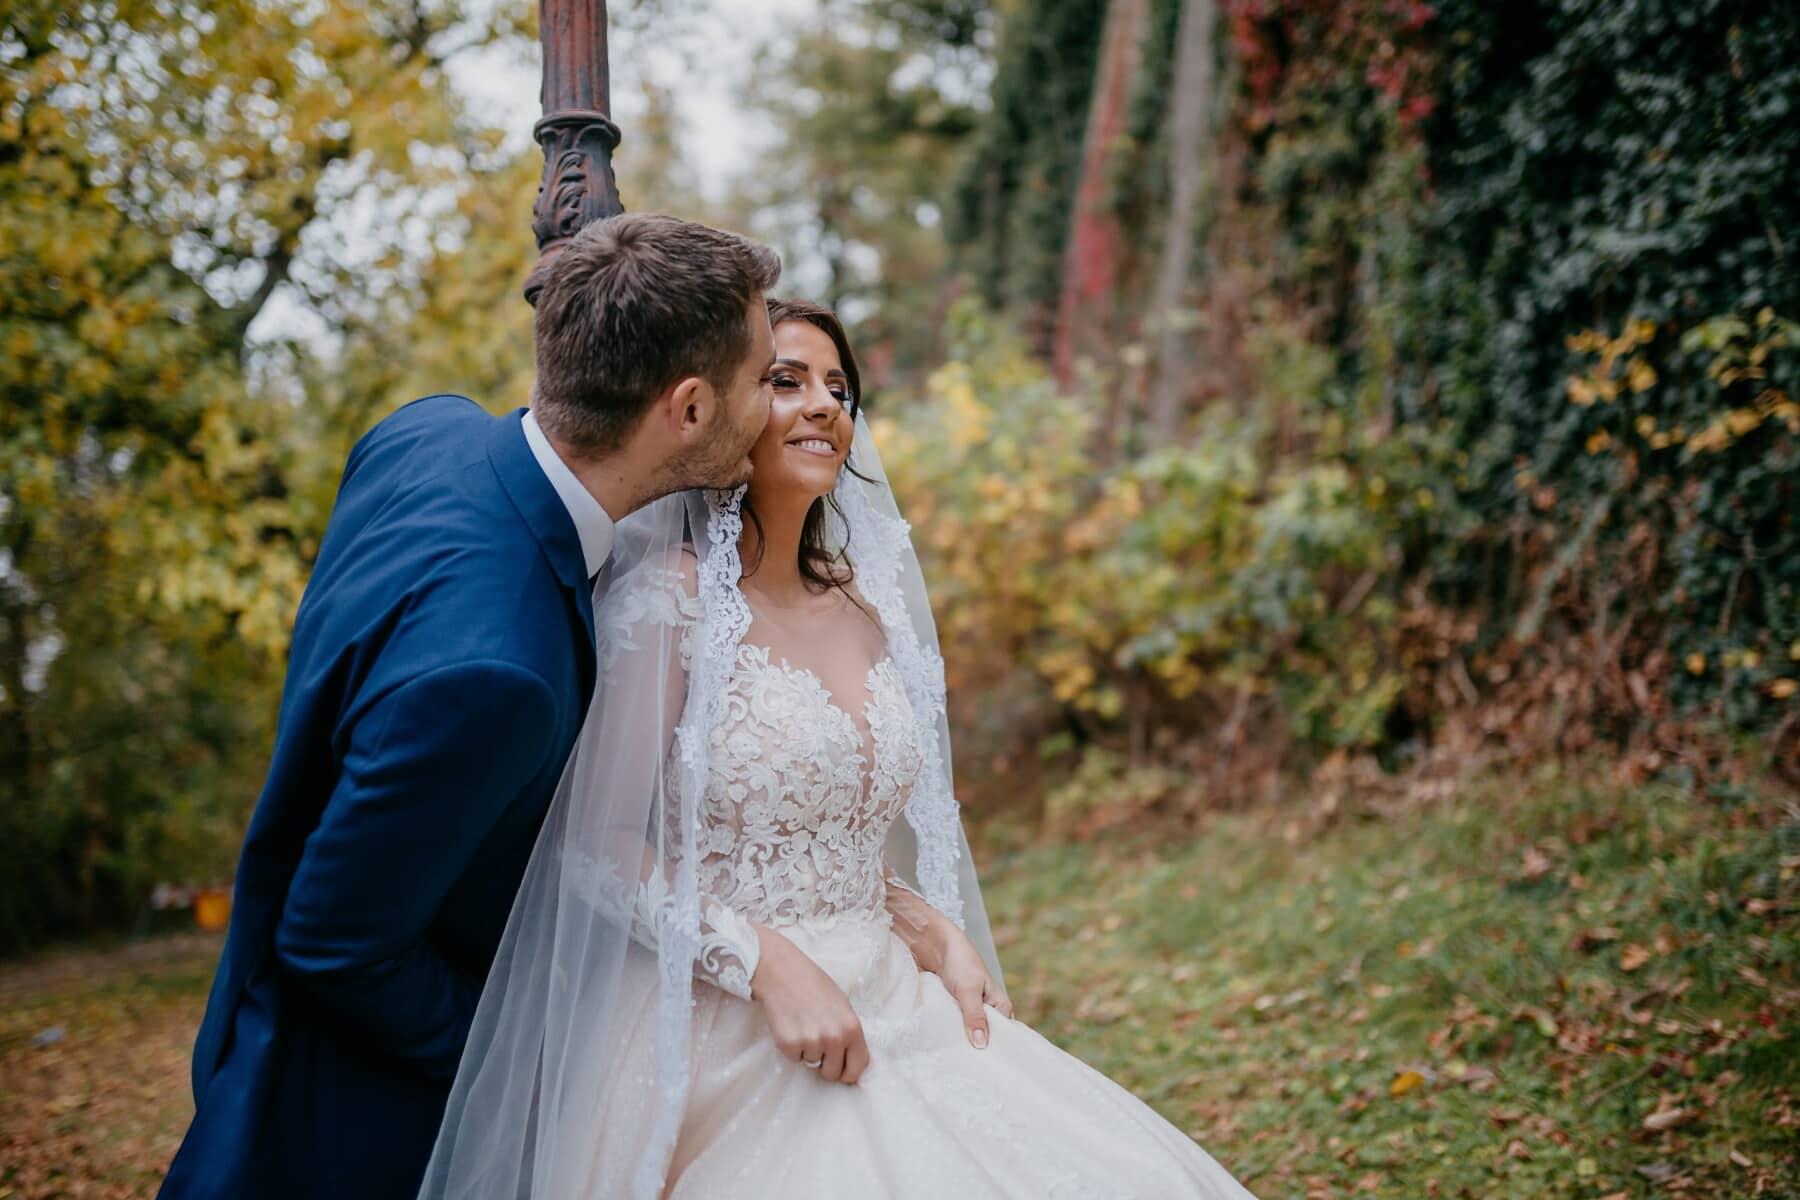 新婚夫婦, ウェディングドレス, 楽しさ, 幸福, キス, 秋のシーズン, 喜び, 愛, 花婿, 花嫁